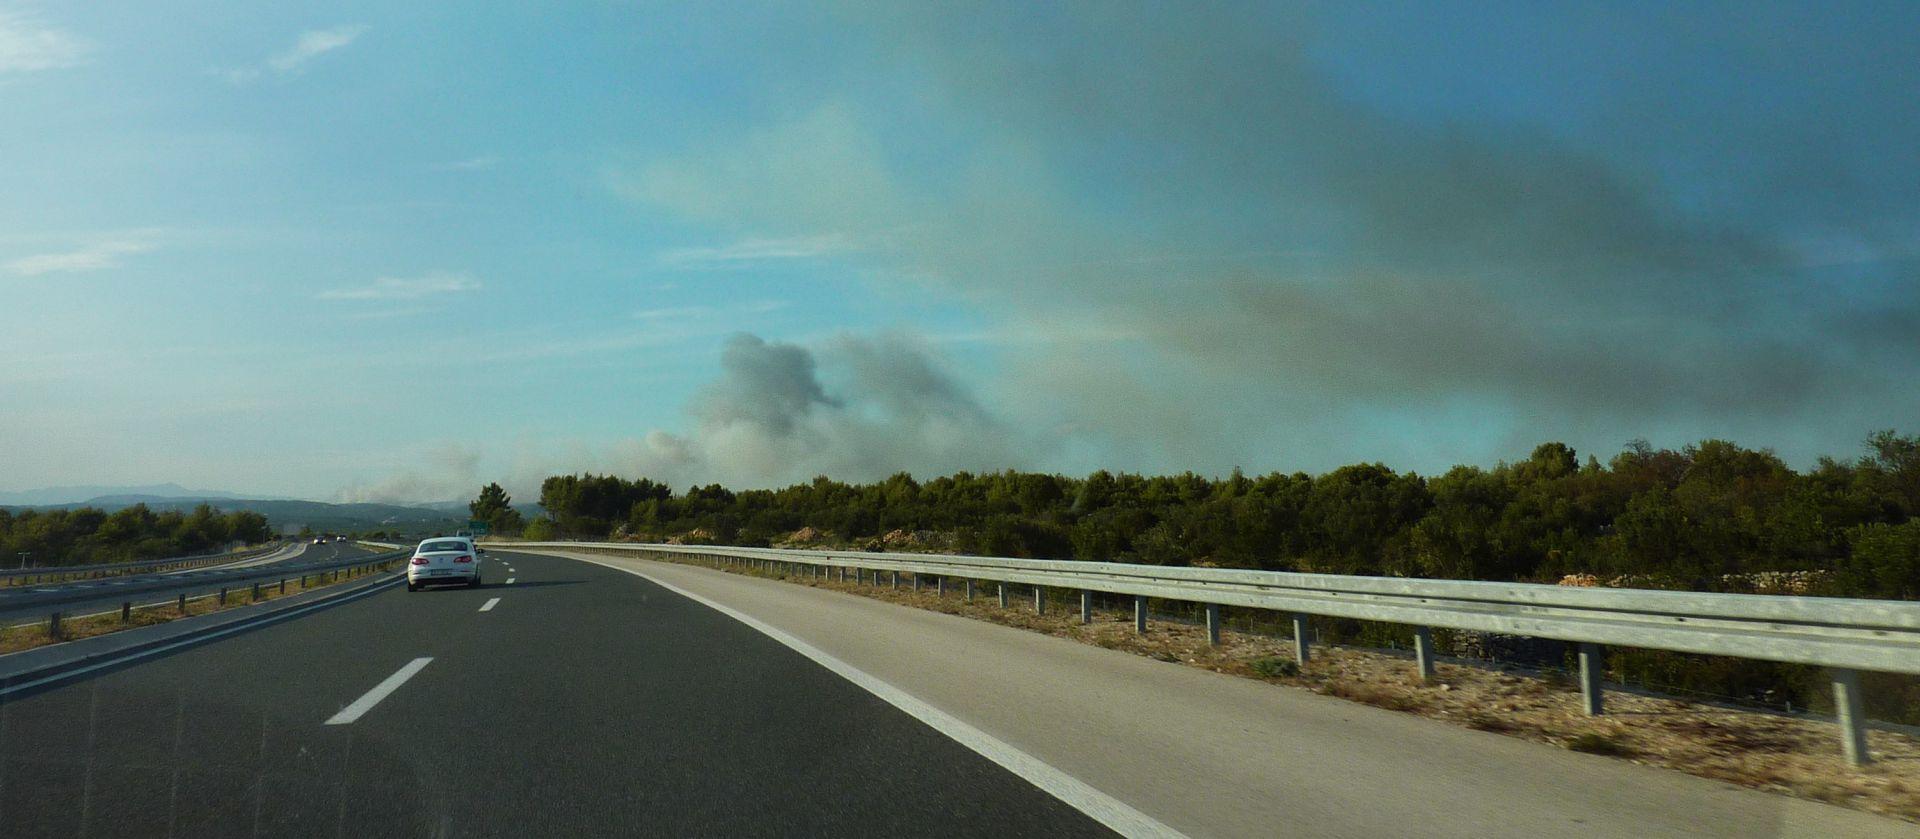 HAK Više požara na A1, vozi se uz ograničenje brzine